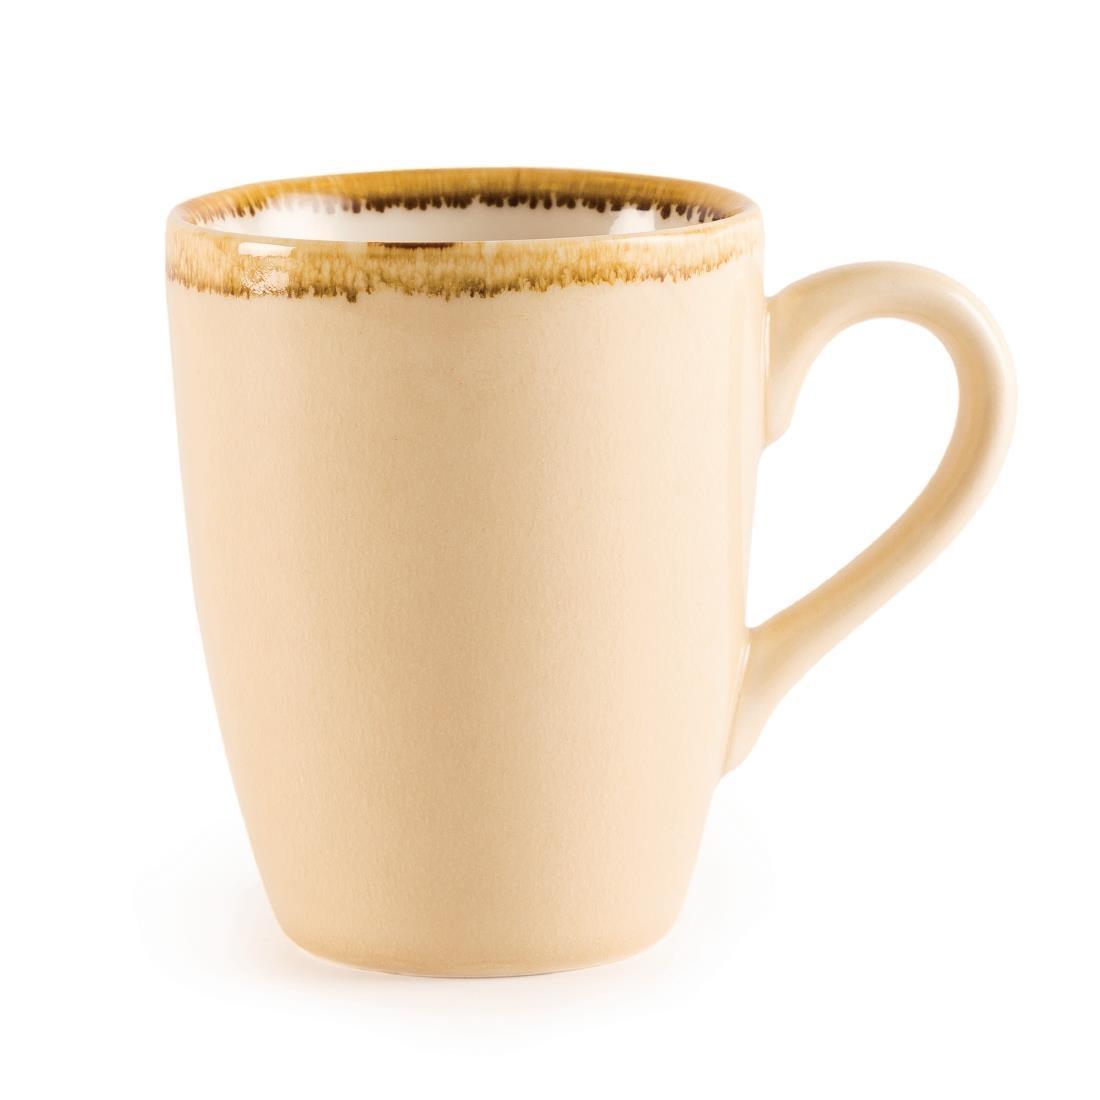 Mug - Sandstone